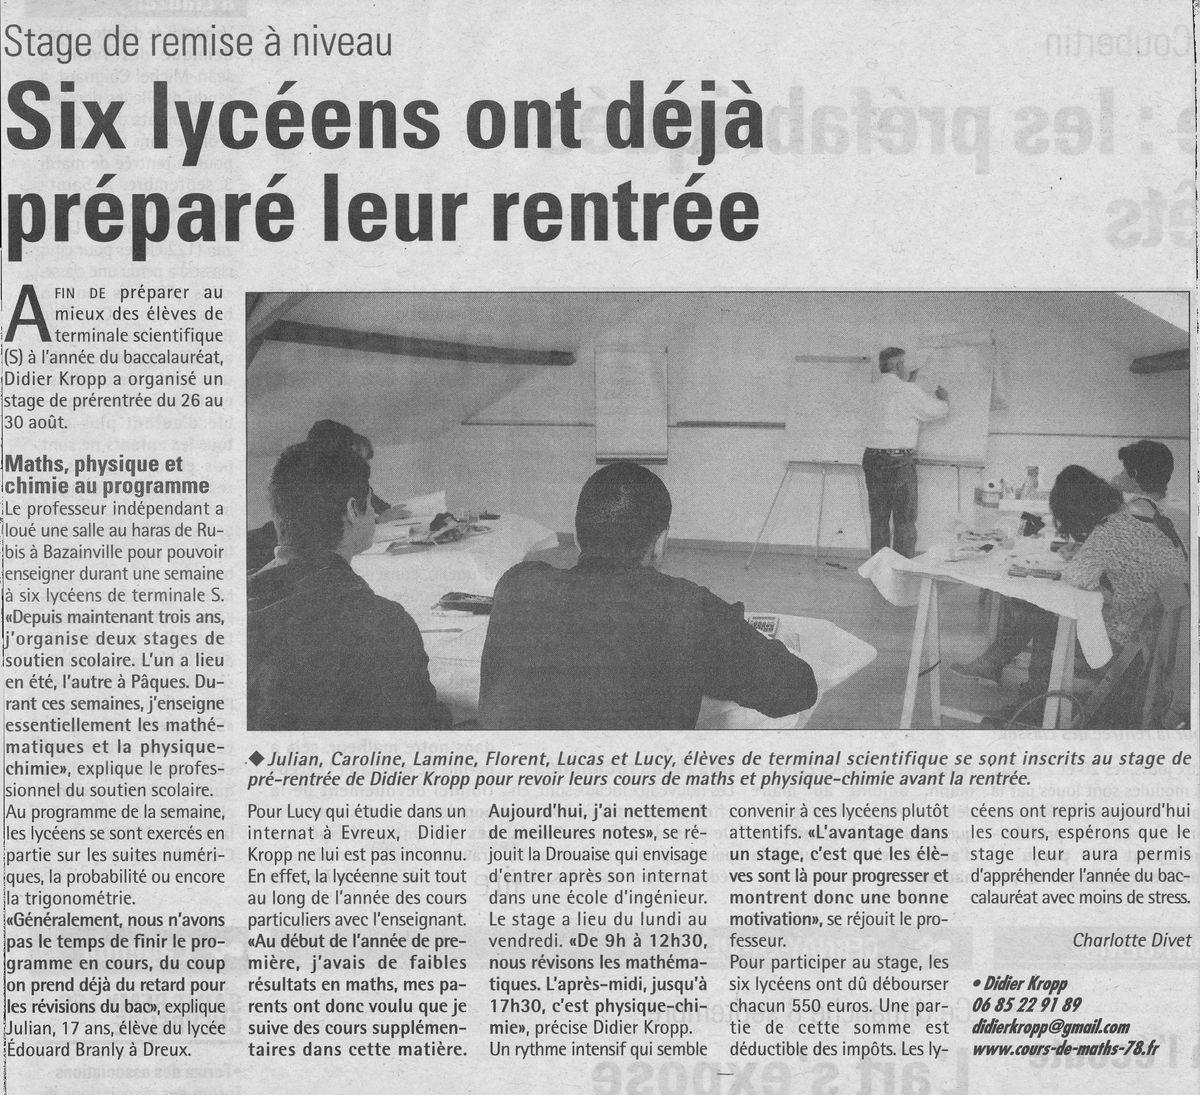 Article paru dans Toutes les nouvelles le 4 septembre 2013